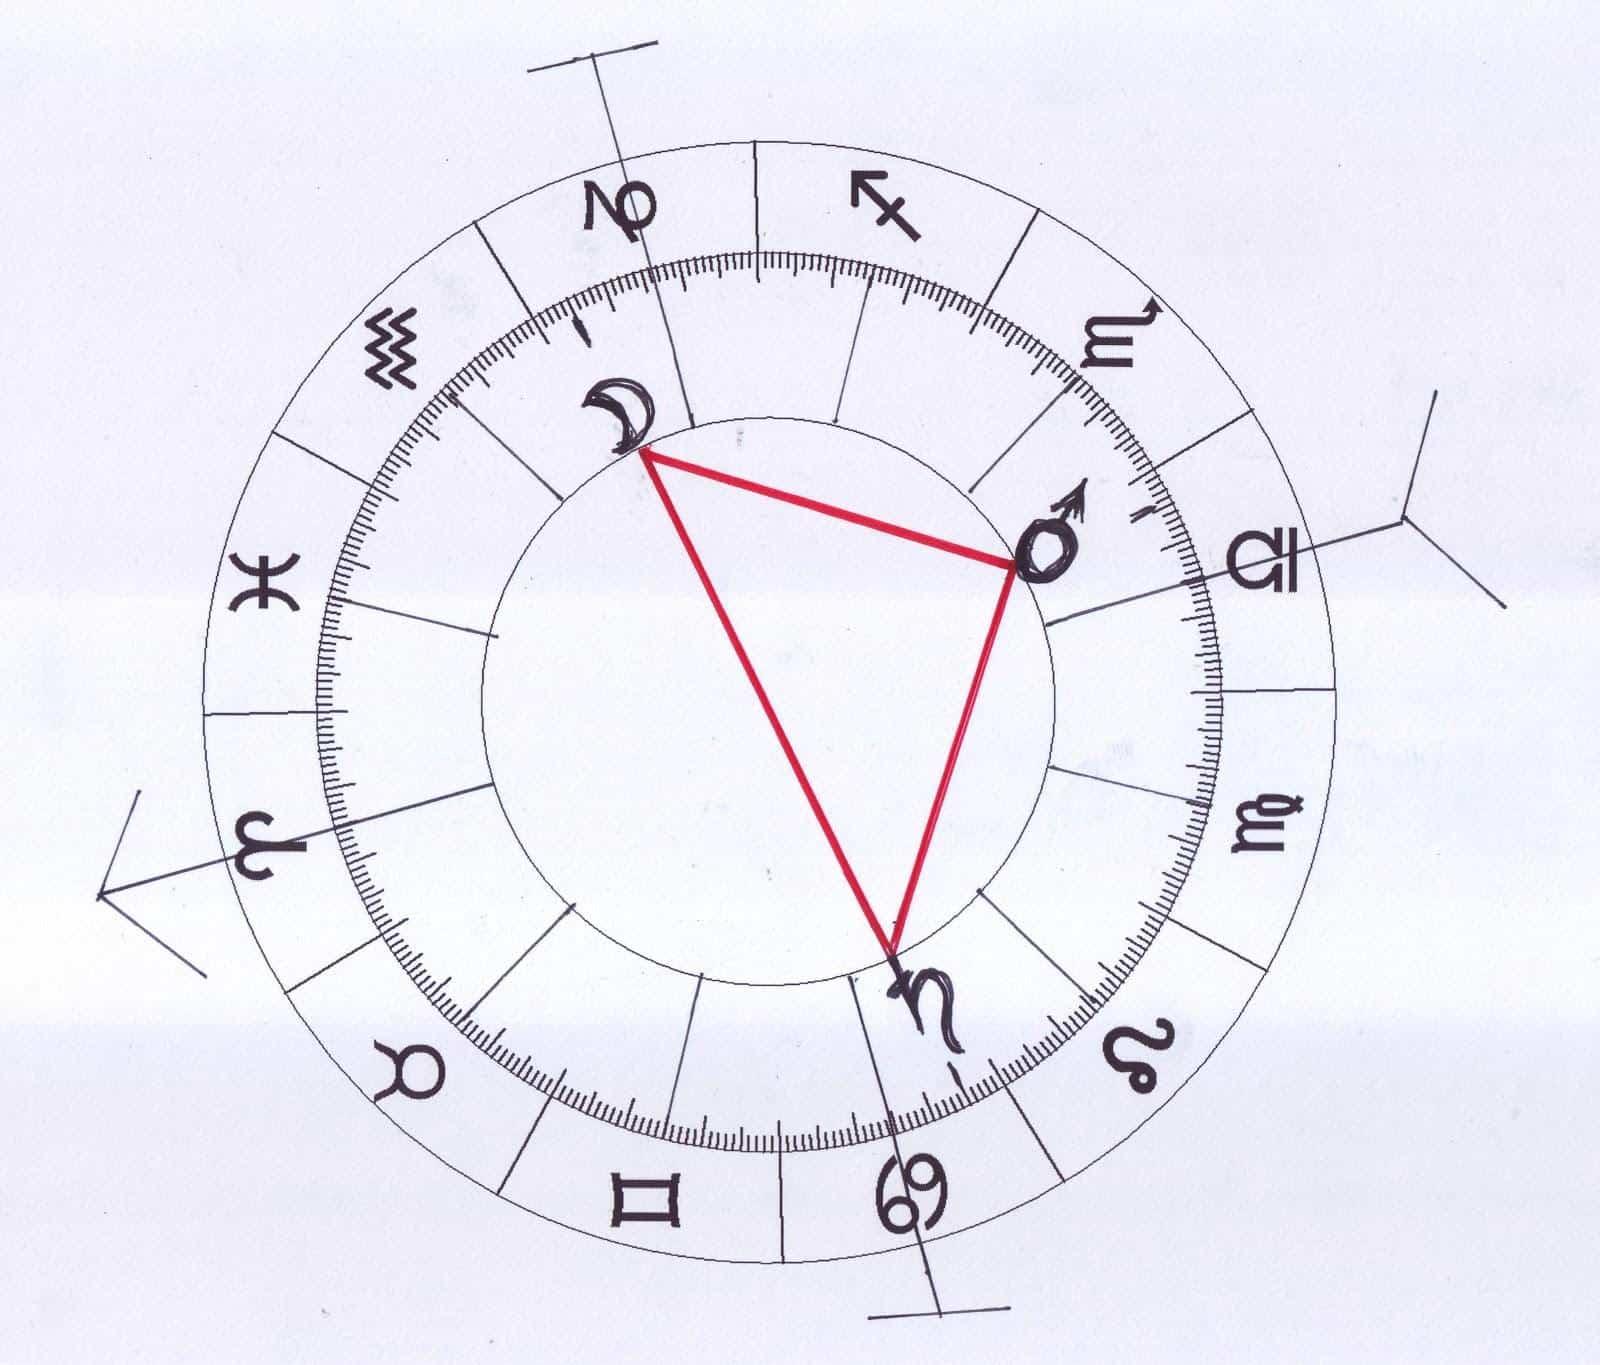 20170529 odette289135 id126406 imagen 3 - Posición de la Luna en el zodiaco - hermandadblanca.org